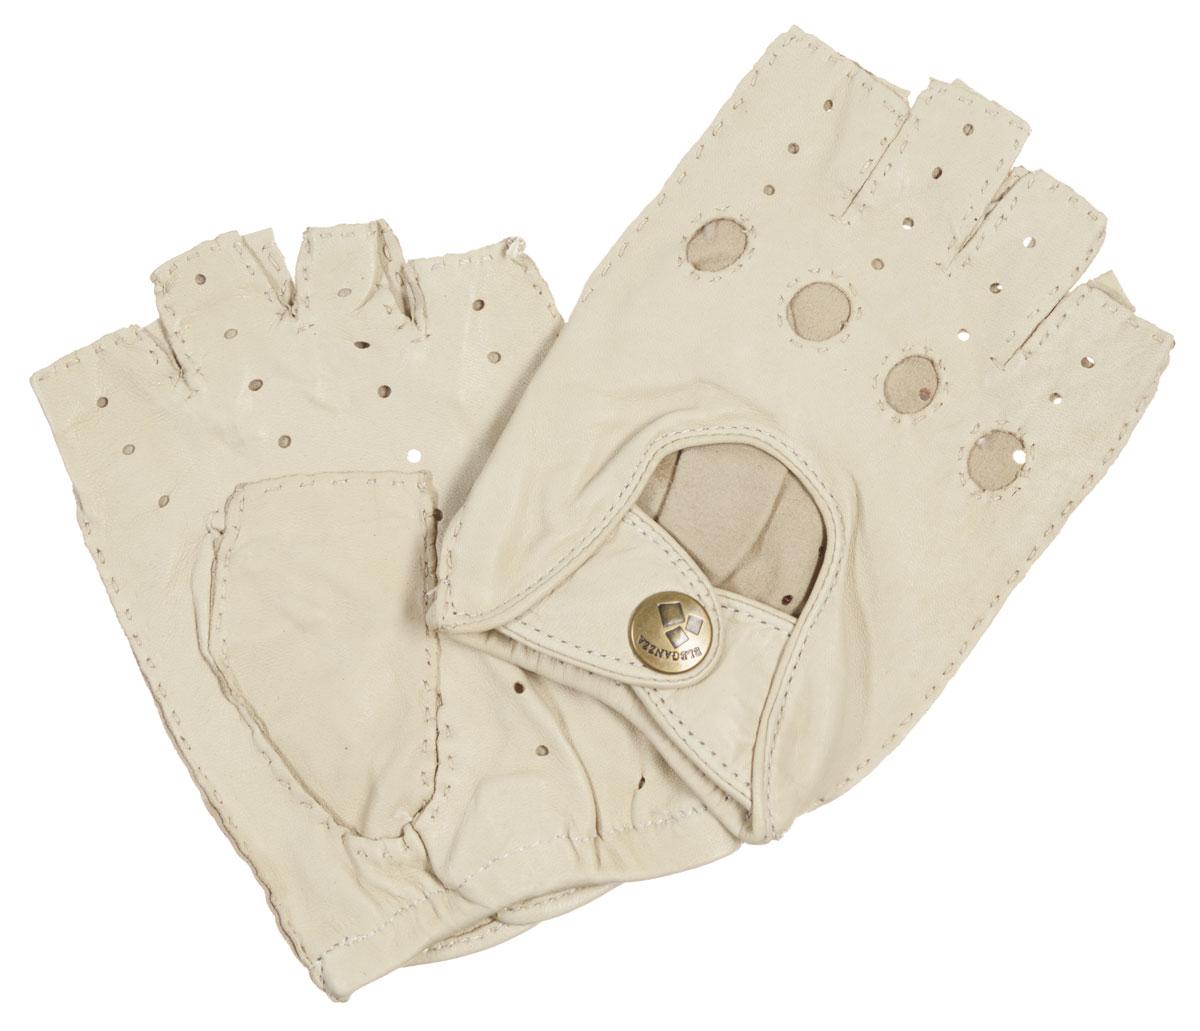 HS012WМитенки Eleganzza изготовлены из натуральной кожи с перфорацией. Швы - наружные ручные. На лицевой стороне - декоративный вырез, два ремня, закрывающиеся по центру на кнопку и вырезы под косточки пальцев. Первоначально митенки использовались для защиты от холода при выполнении работ, требующих подвижности пальцев. Но начиная с XVIII века митенки стали использоваться как модный женский аксессуар, дамы носили митенки и в помещениях, соответственно митенки выполняли больше эстетическую, а не практическую функцию. Такая мода продержалась и в XIX веке. Использовались как простые вязаные митенки, так и кружевные, причем они могли по длине доходить как до середины руки, так и до локтя. В России митенки использовались еще в XIX веке и считались женскими перчатками. В настоящий момент митенки используются как женщинами, так и мужчинами, но все-таки в большей степени считаются женским аксессуаром одежды!